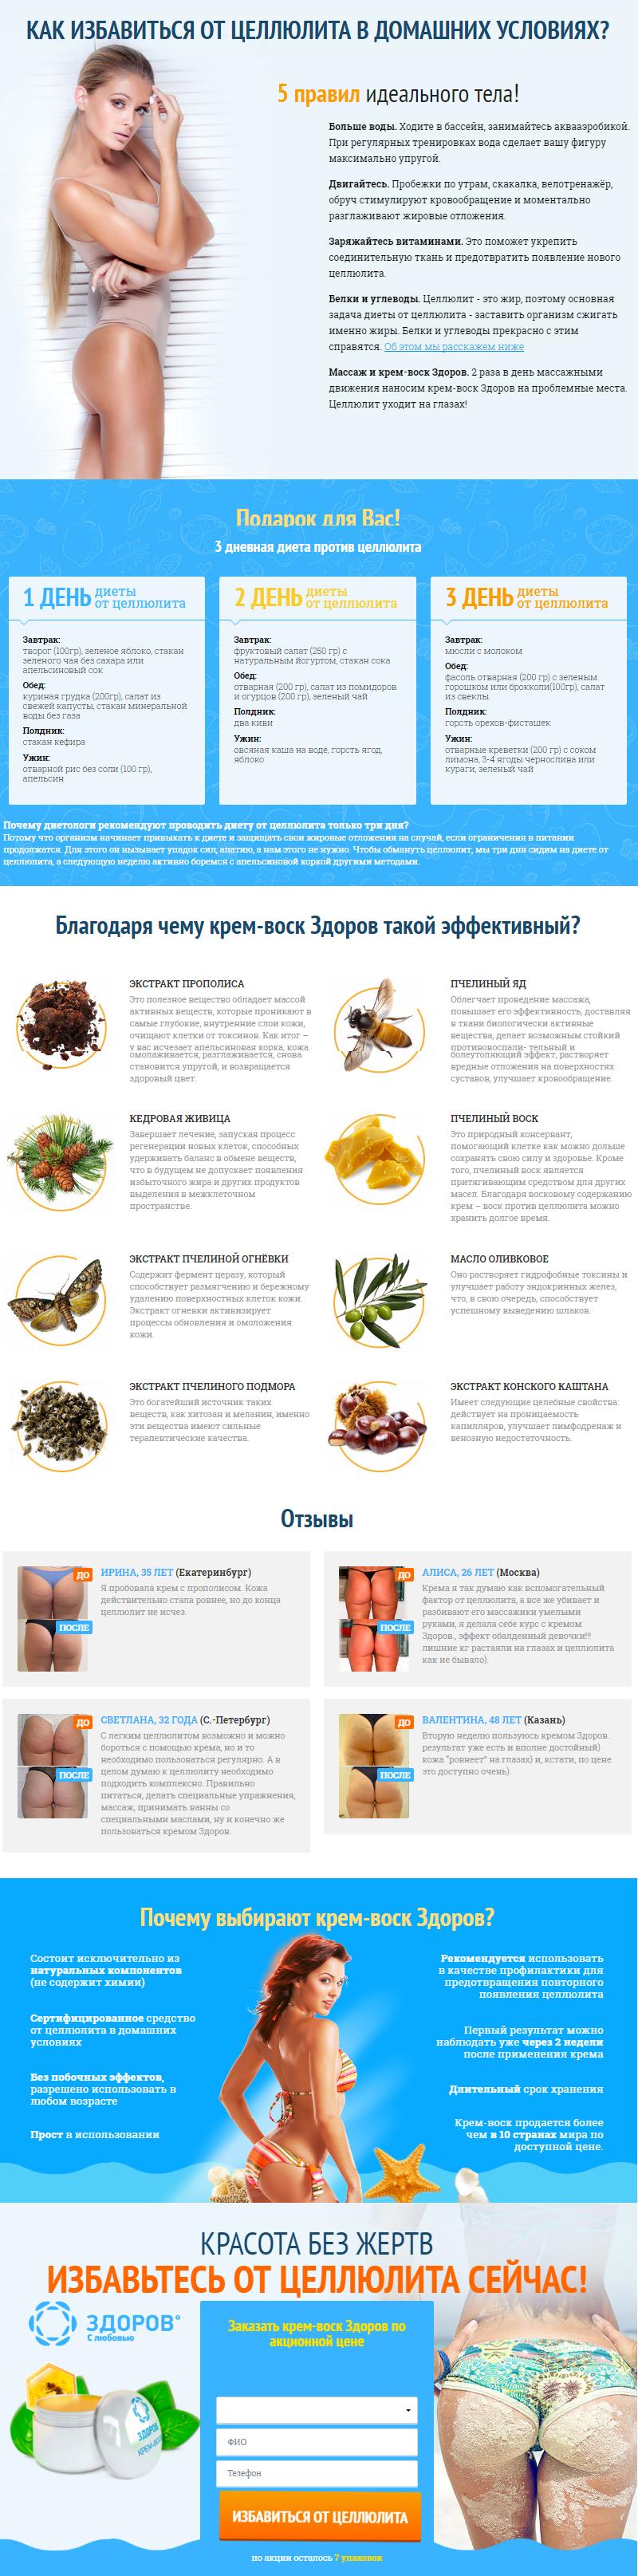 Как избавиться от целлюлита домашними рецептами